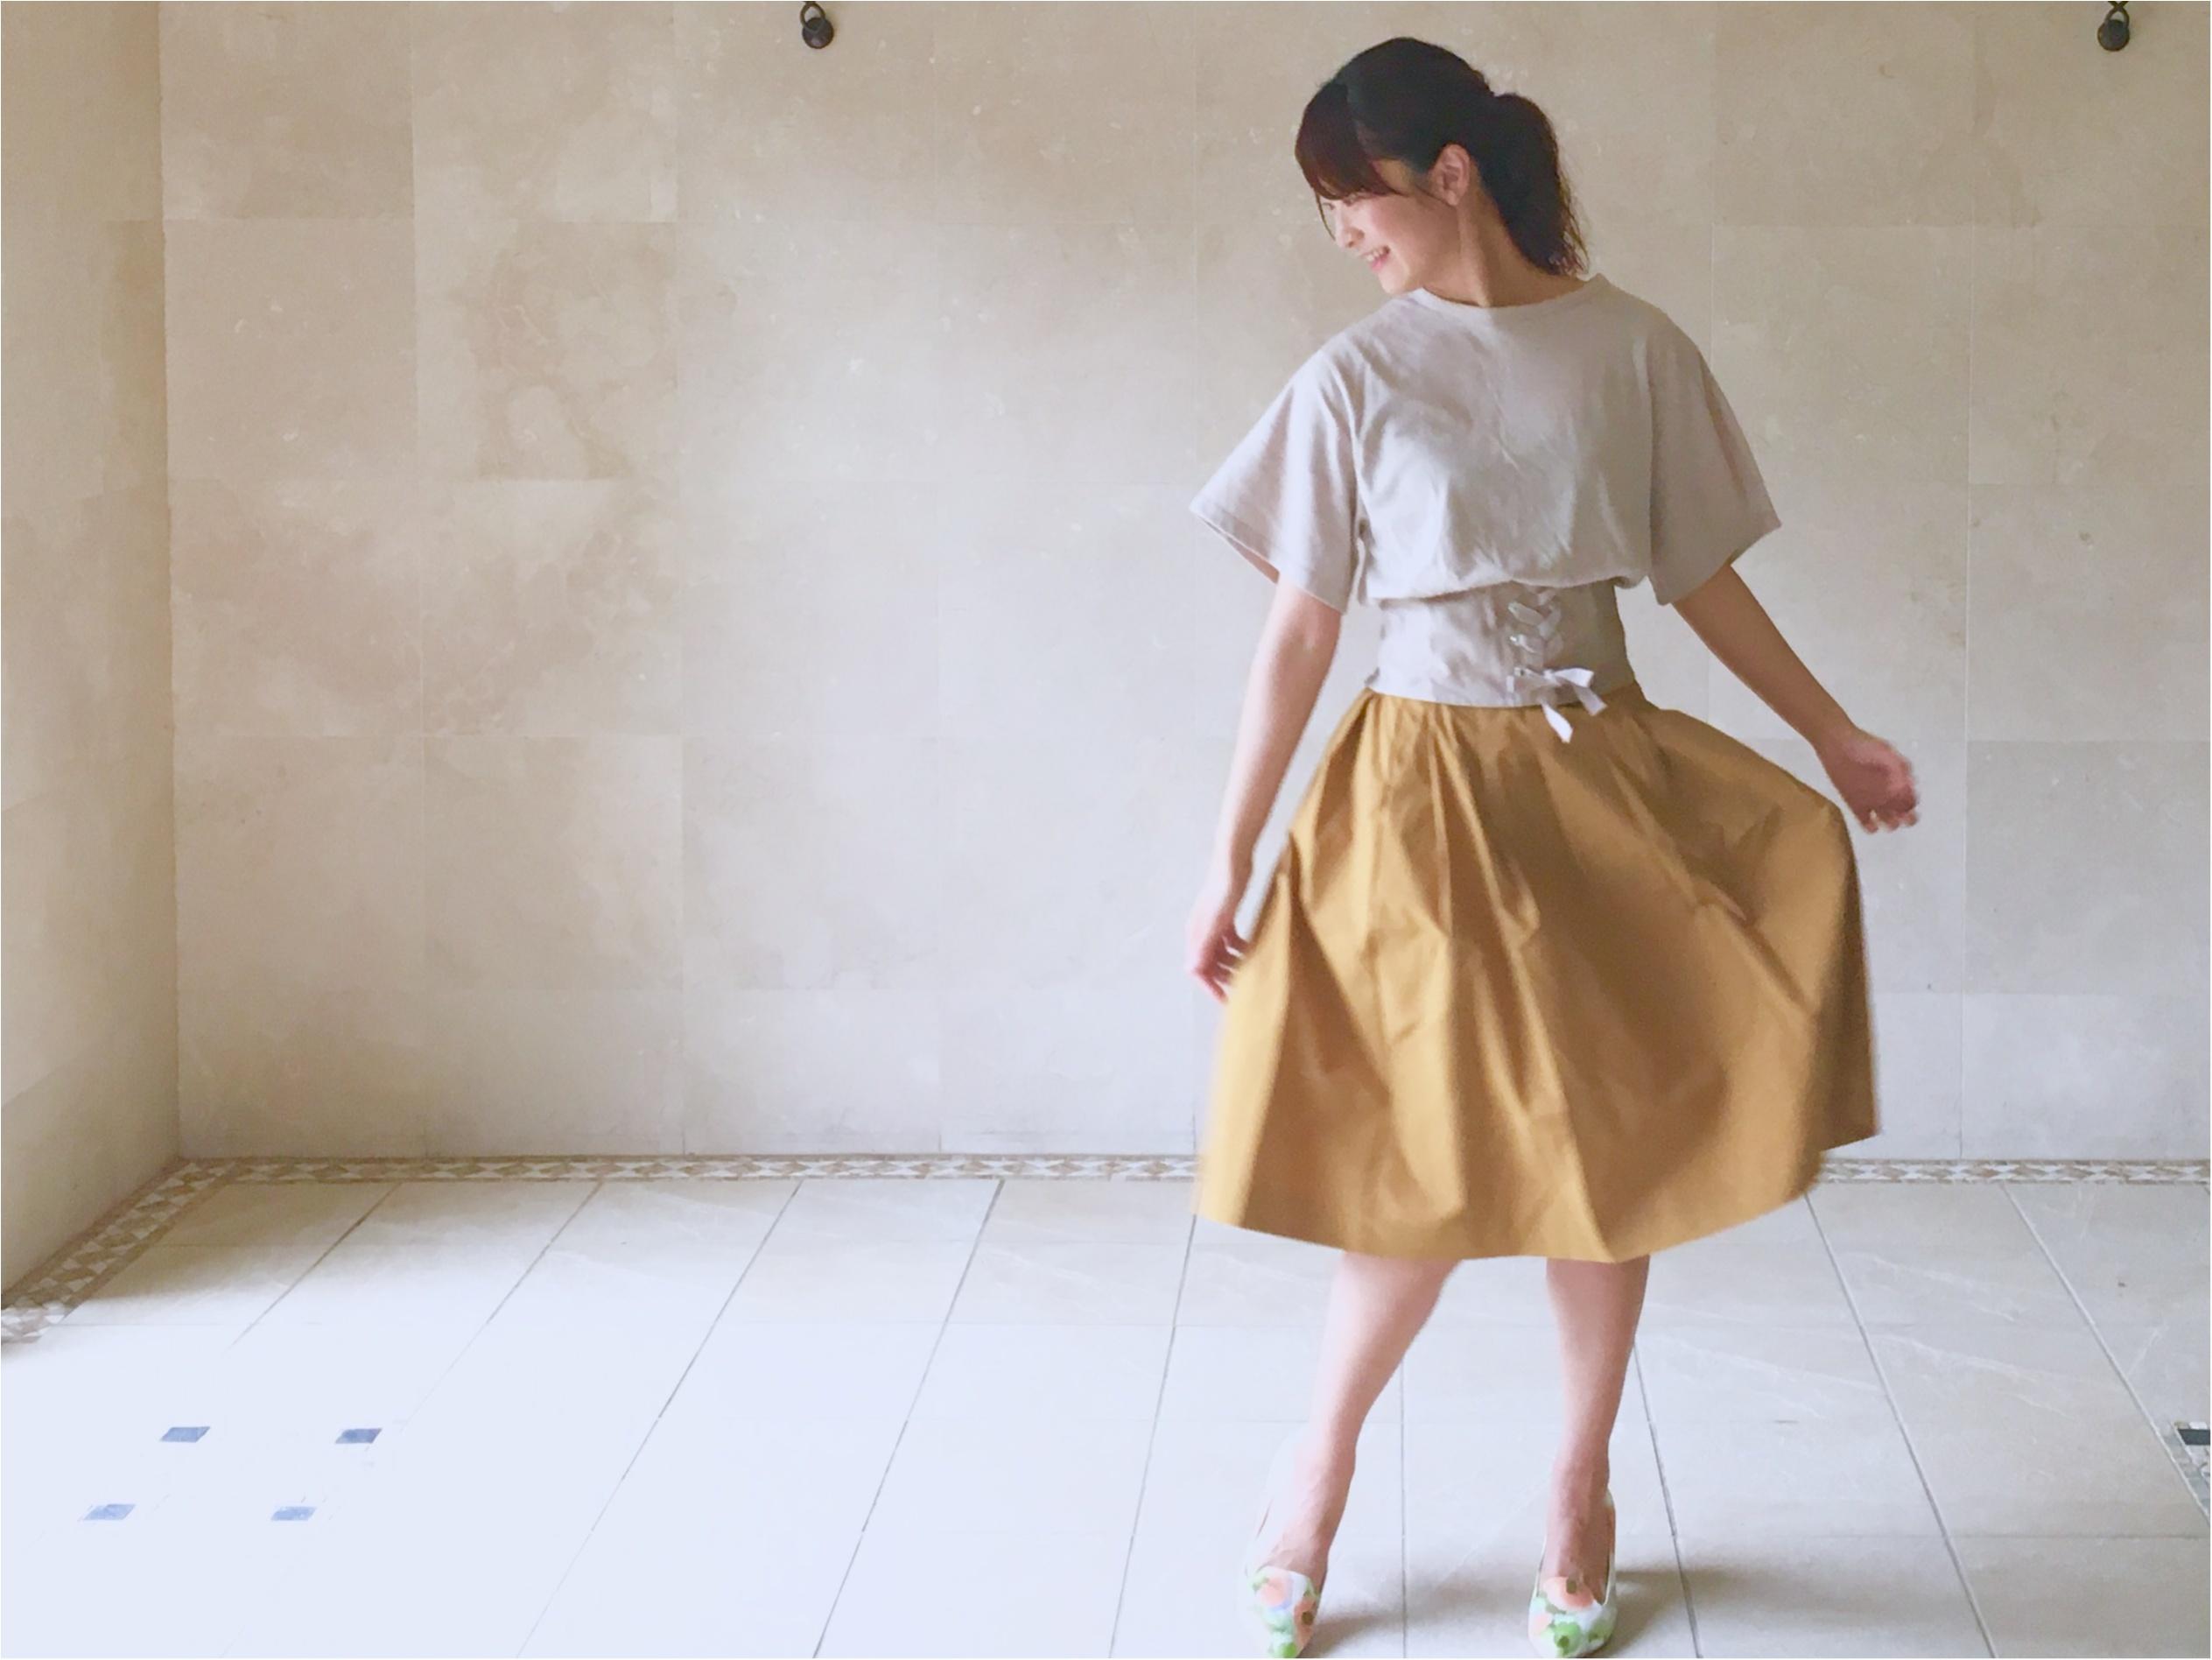 【UNIQLO】シワになりにくいからお手入れ楽チン❤️《美シルエットの優秀スカート》3選!_5